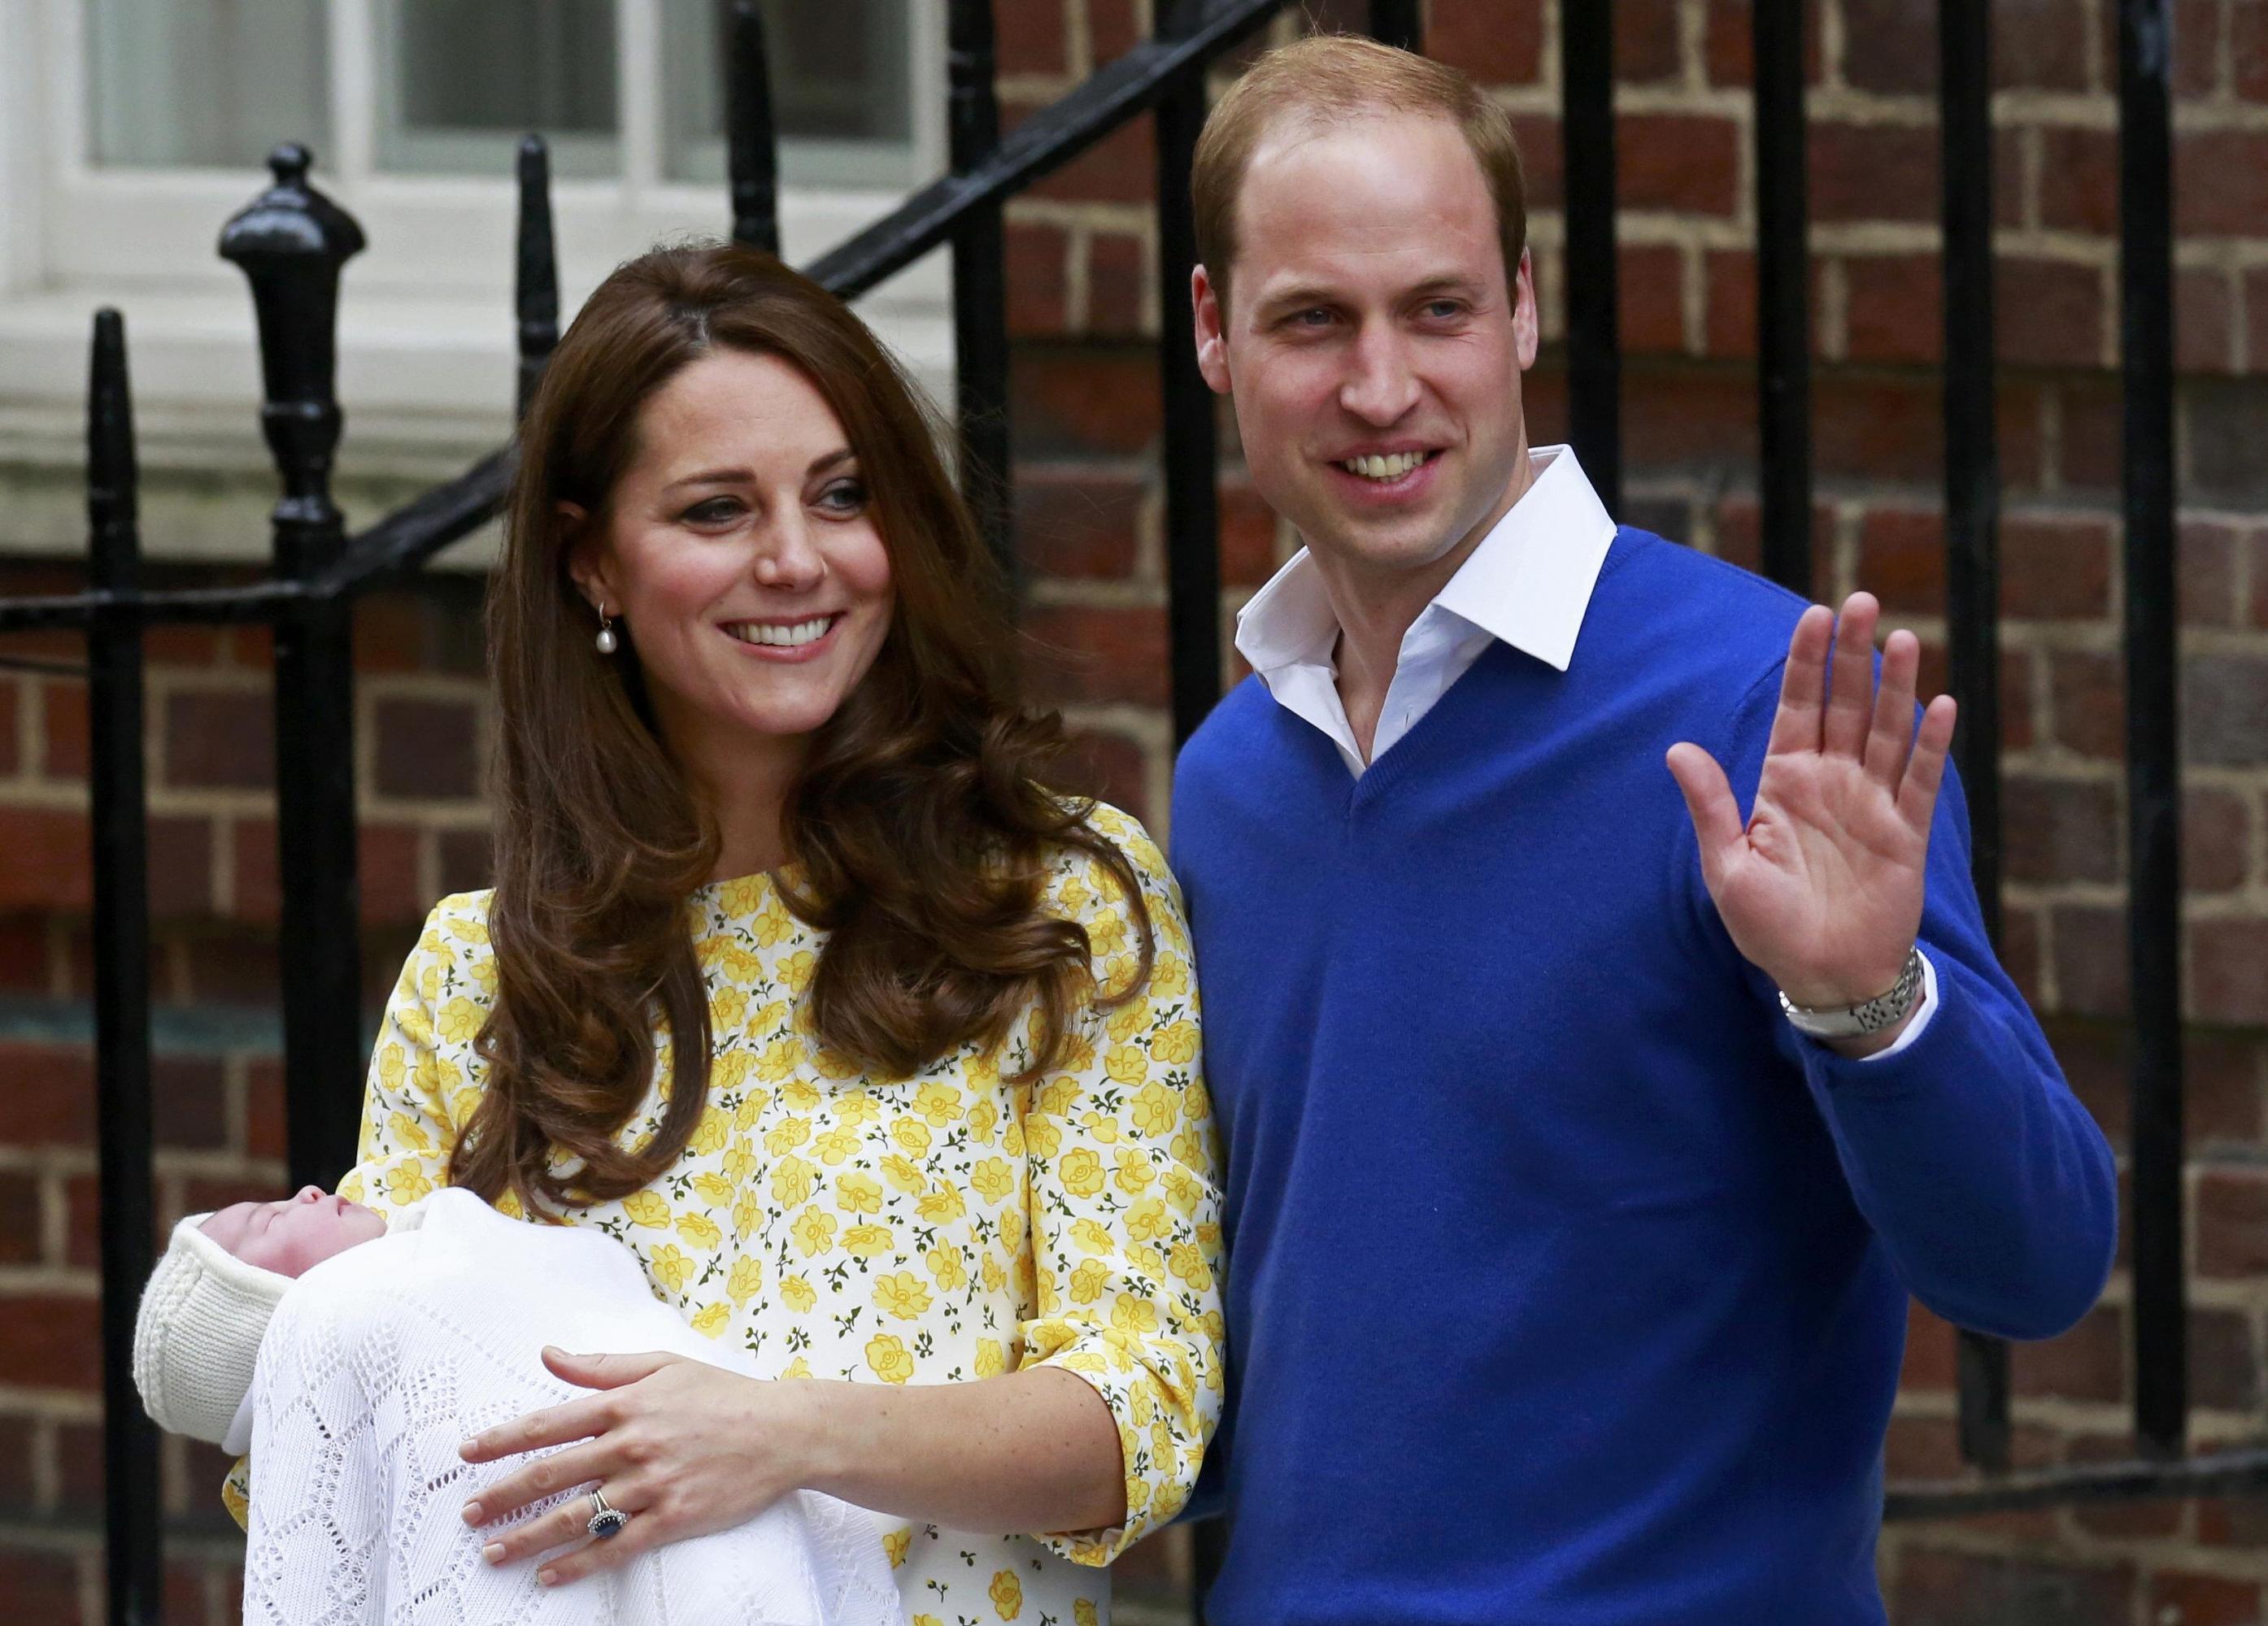 Kate Middleton Esposa Del Príncipe Guillermo Da A Luz A Una Niña Público